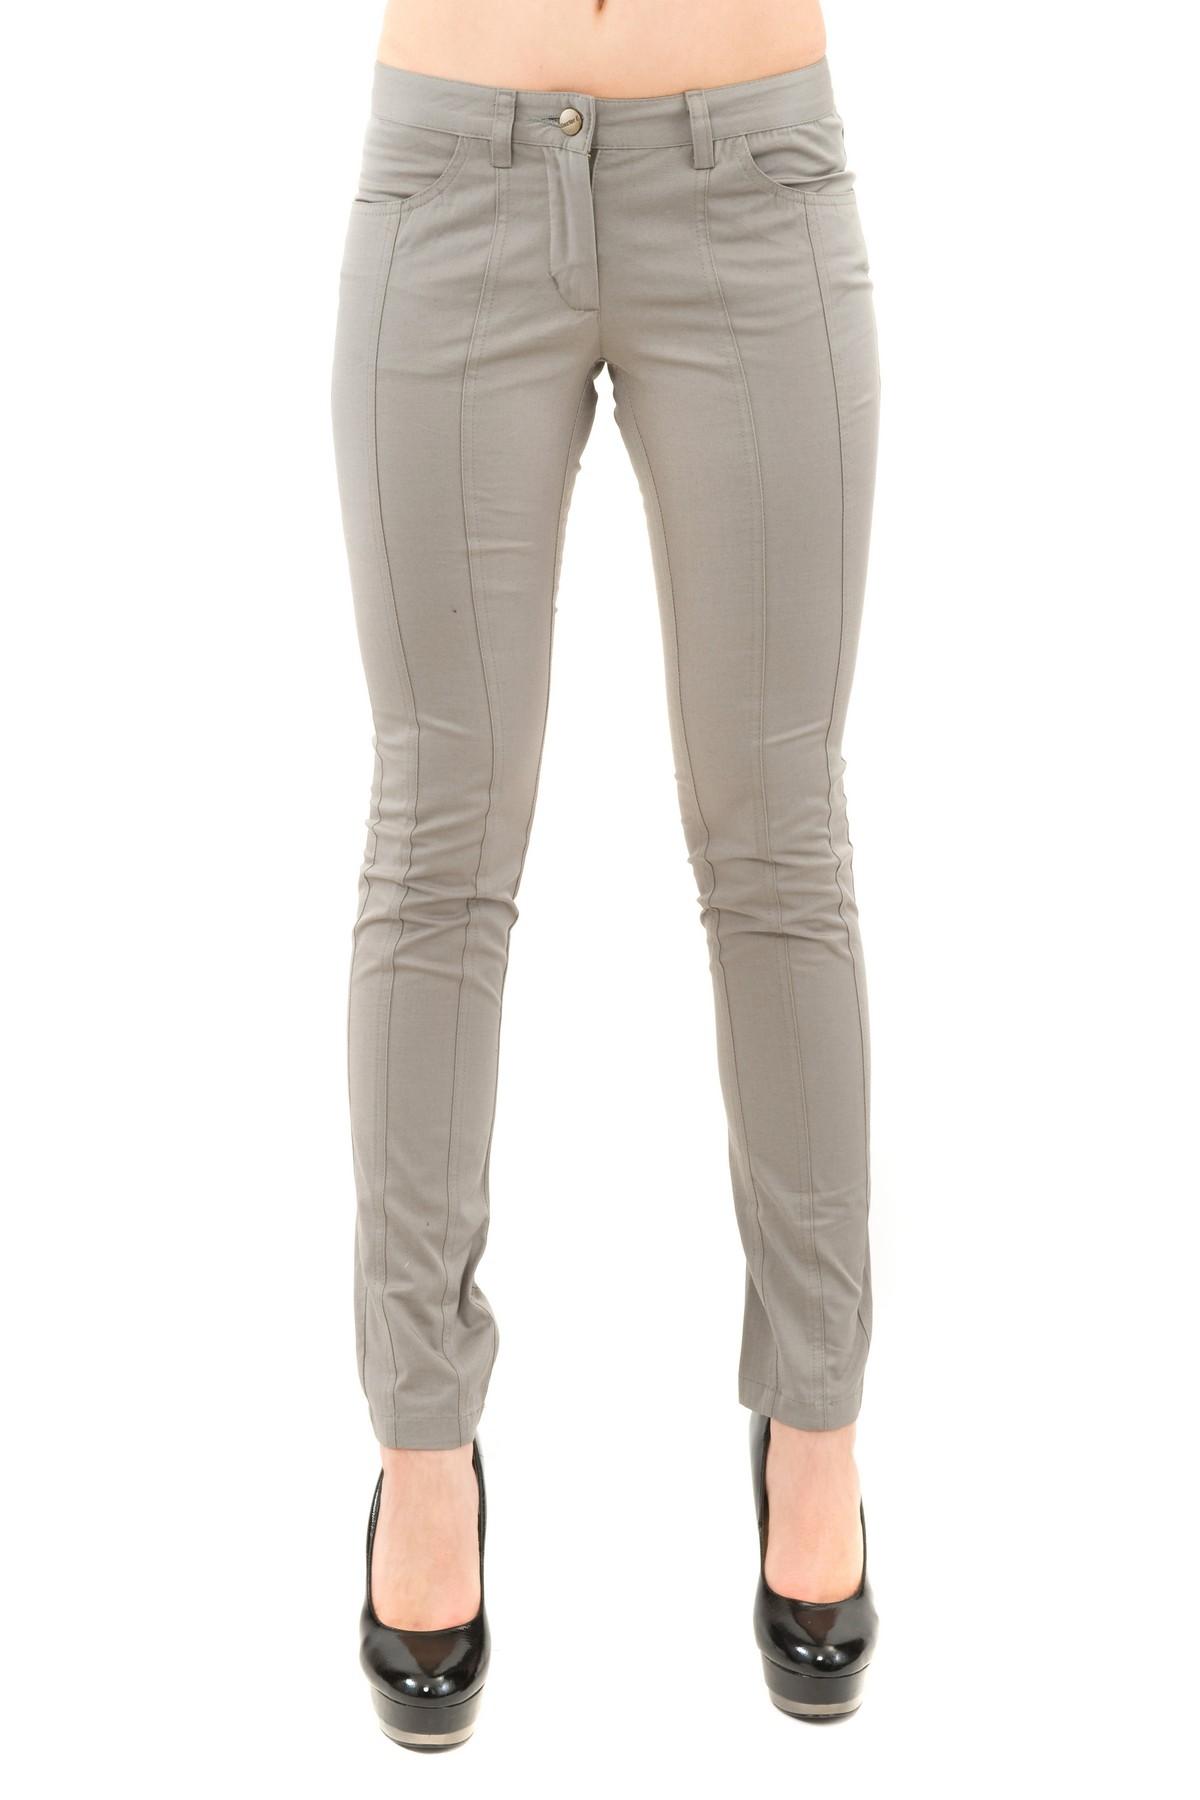 БрюкиЖенские юбки и брюки<br>Практичные брюки для истинных модниц, отлично садятся по фигуре, делая Вас стройной и привлекательной.  В таких брюках Вы всегда будете выглядеть привлекательно. Брюки отлично сочетаются с пестрым топом или однотонной блузой, с джемпером или кардиганом. А<br><br>Цвет: серый<br>Состав: 48% хлопок, 4 % эластан , 48 % полиэстер<br>Размер: 42,46,50,52<br>Страна дизайна: Россия<br>Страна производства: Россия